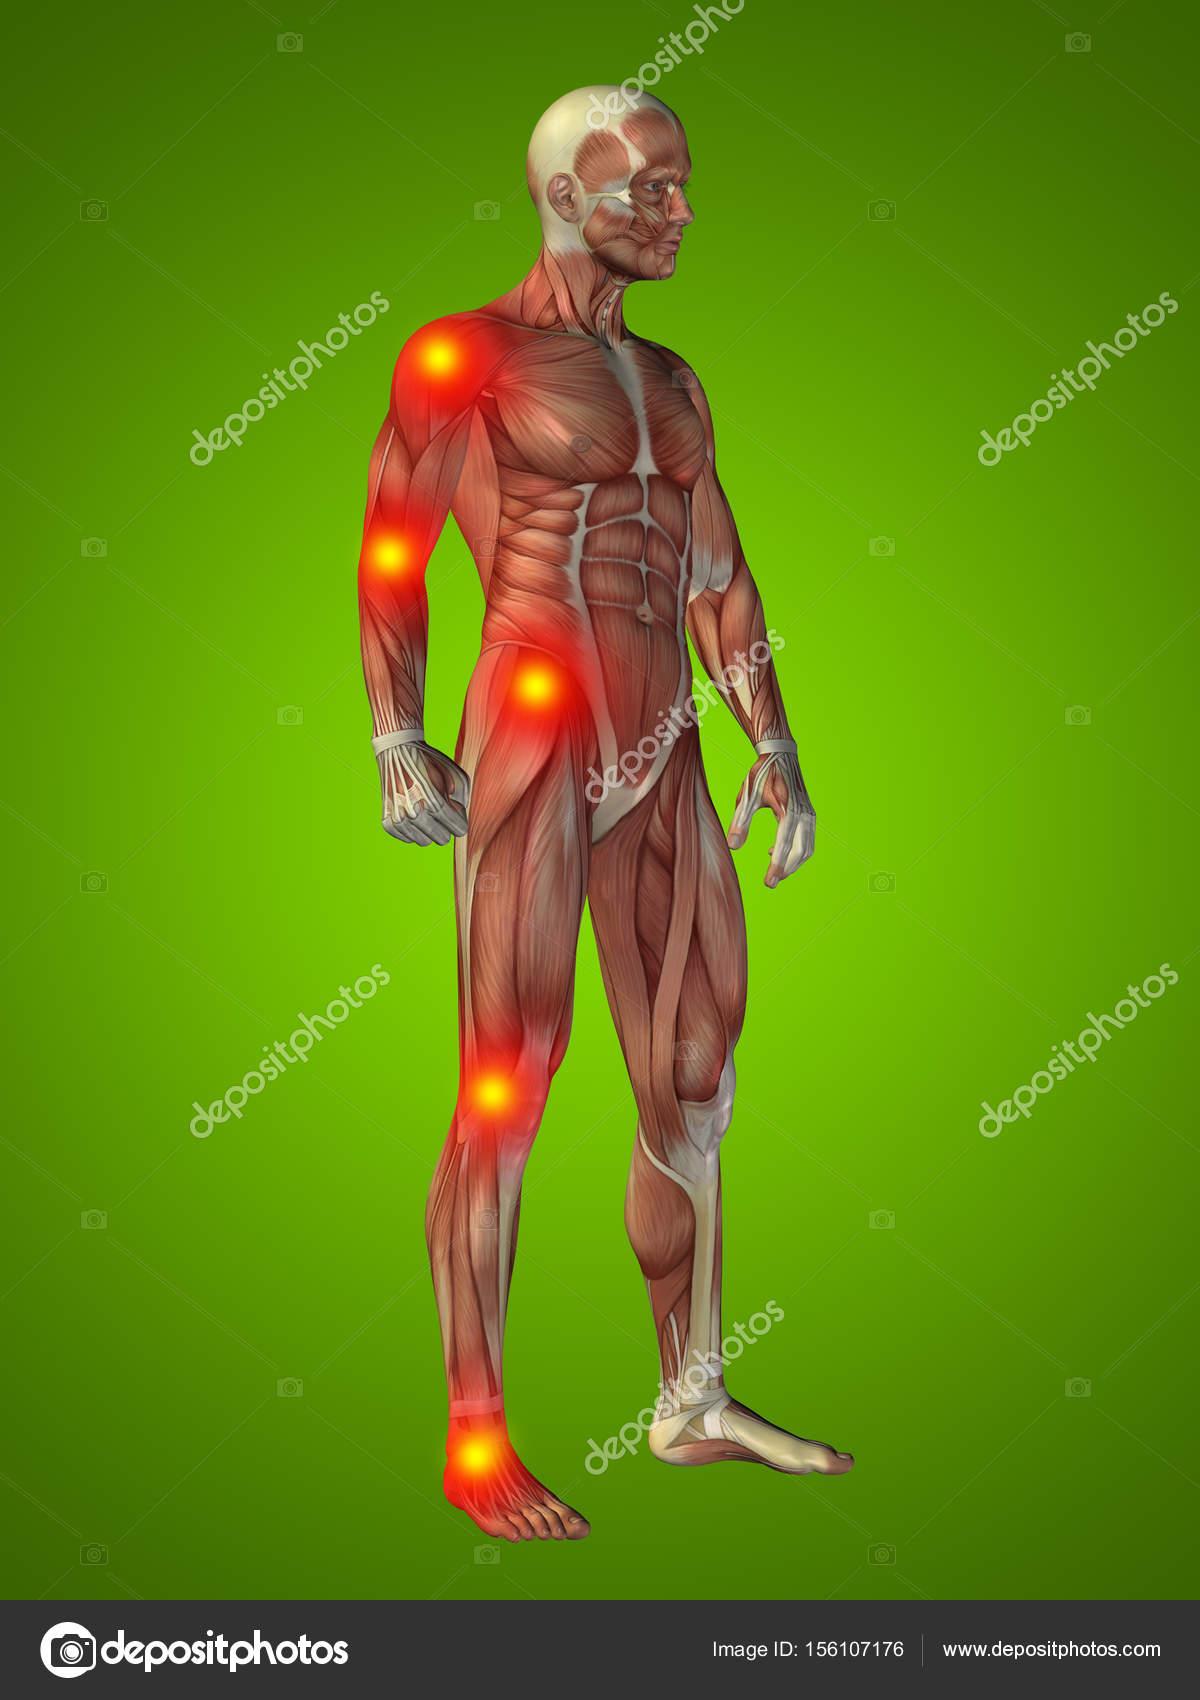 menschlichen Körper Anatomie mit Gelenk oder Knochen Schmerzen ...